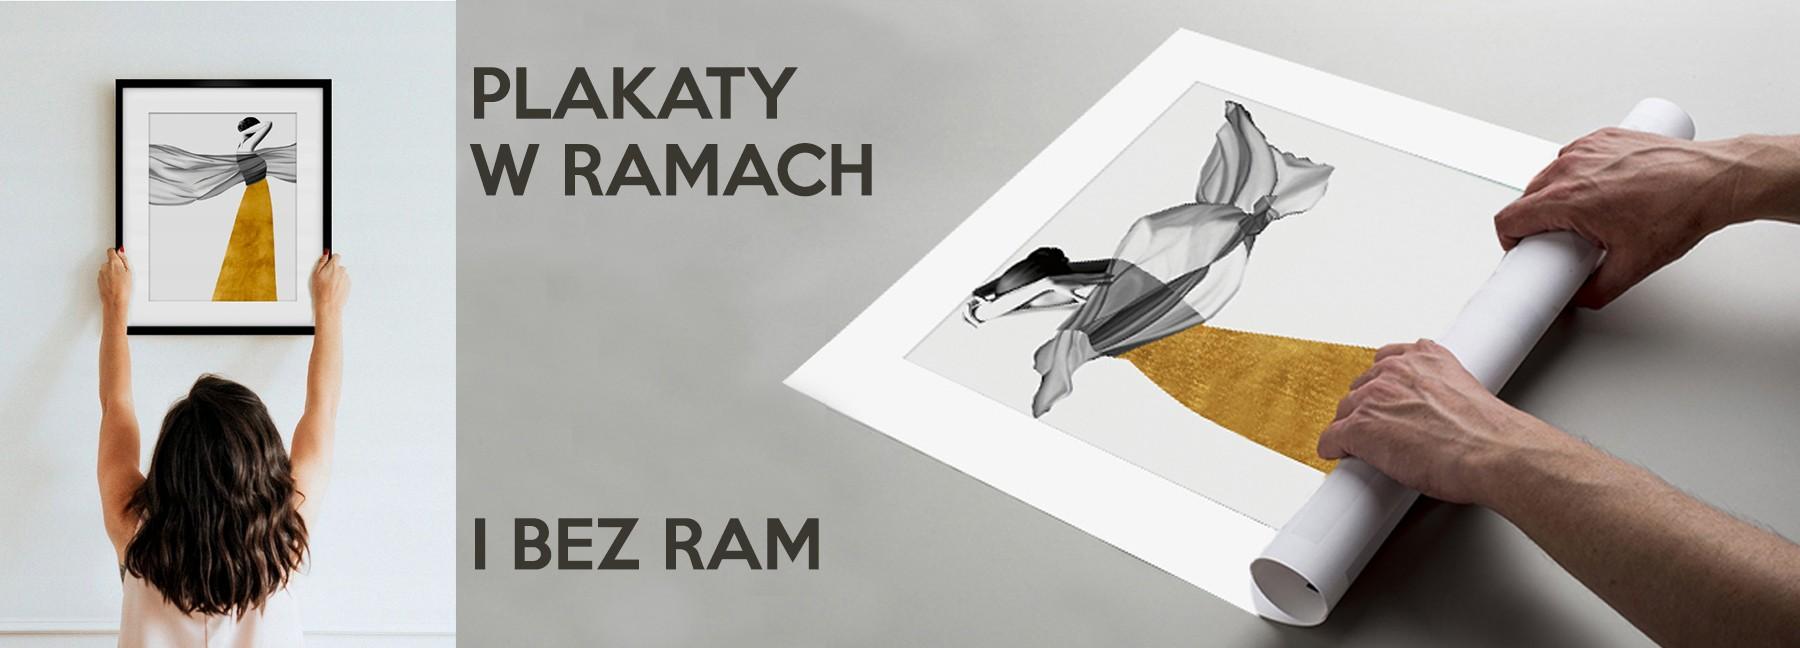 PLAKATY W RAMACH I BEZ RAM